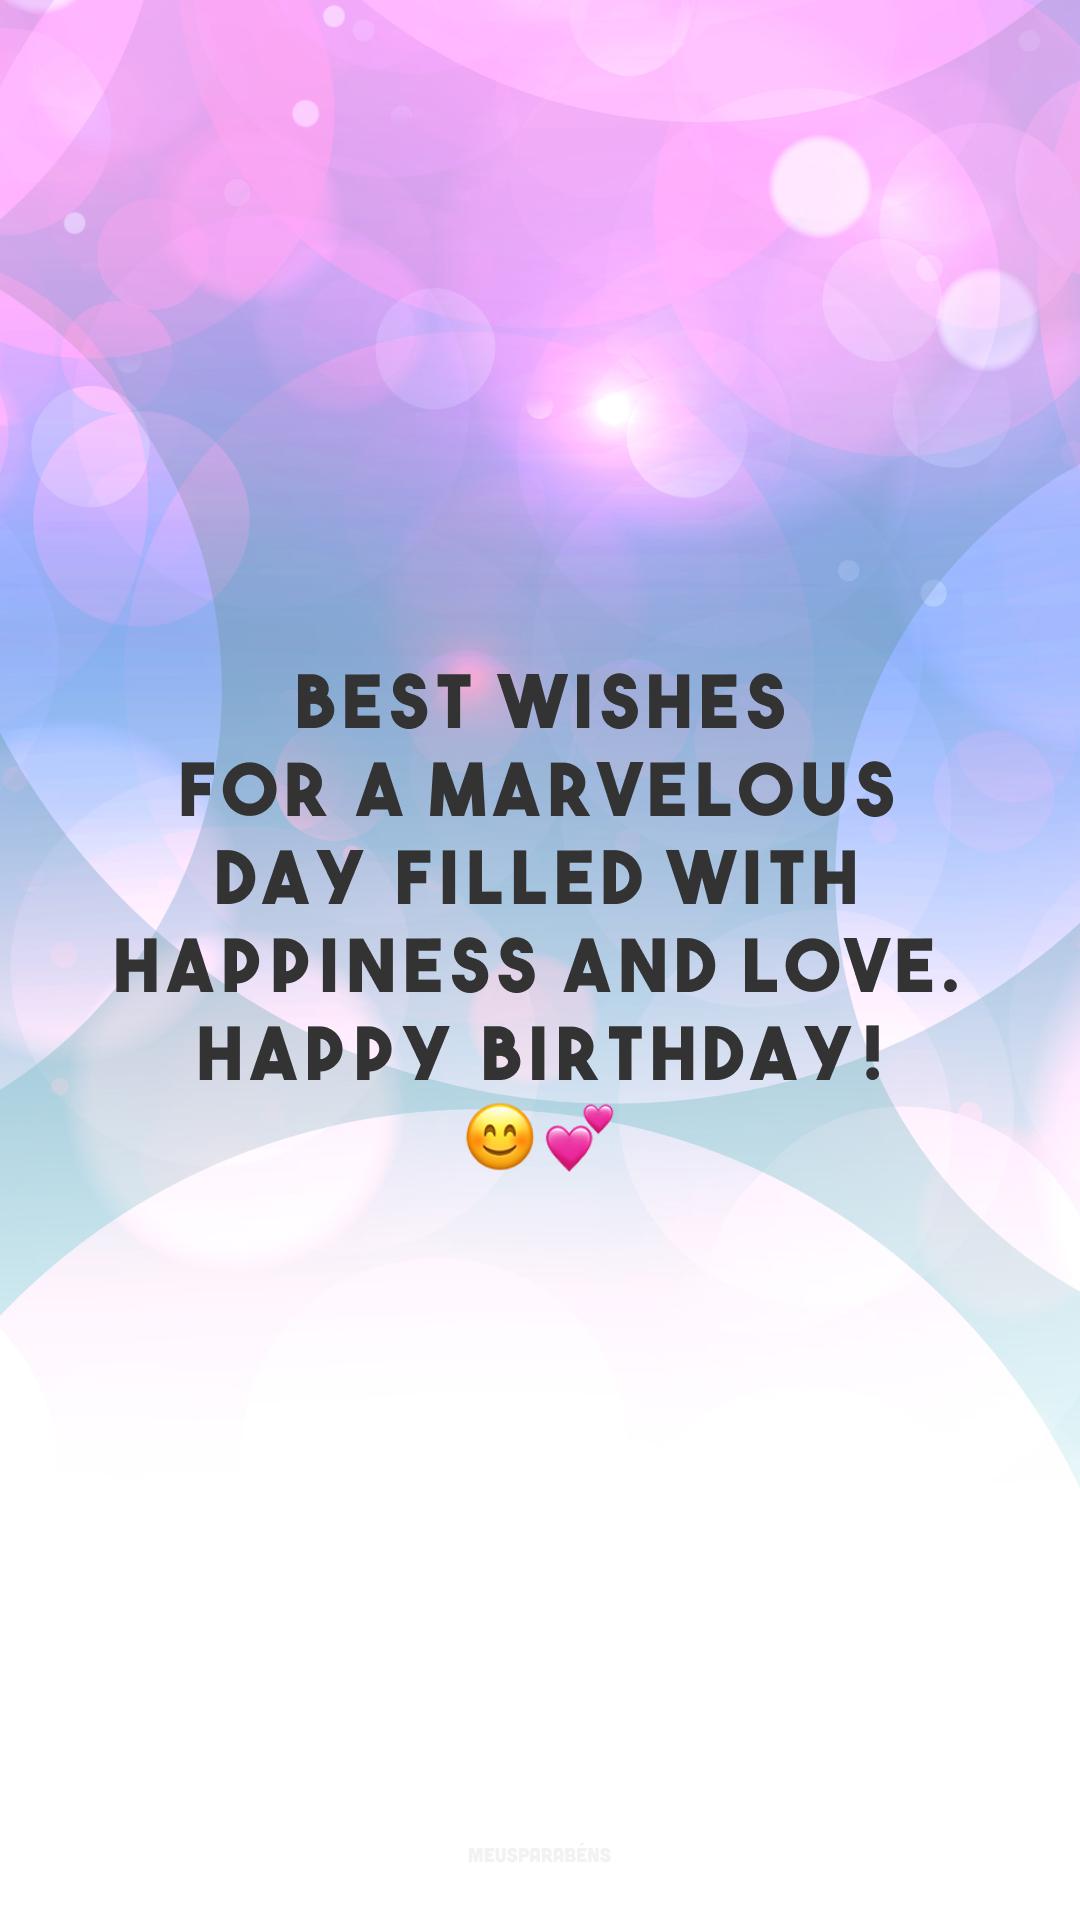 Best wishes for a marvelous day filled with happiness and love. Happy birthday! 😊💕 (Muitas felicidades para um dia maravilhoso cheio de felicidade e amor. Feliz aniversário!)